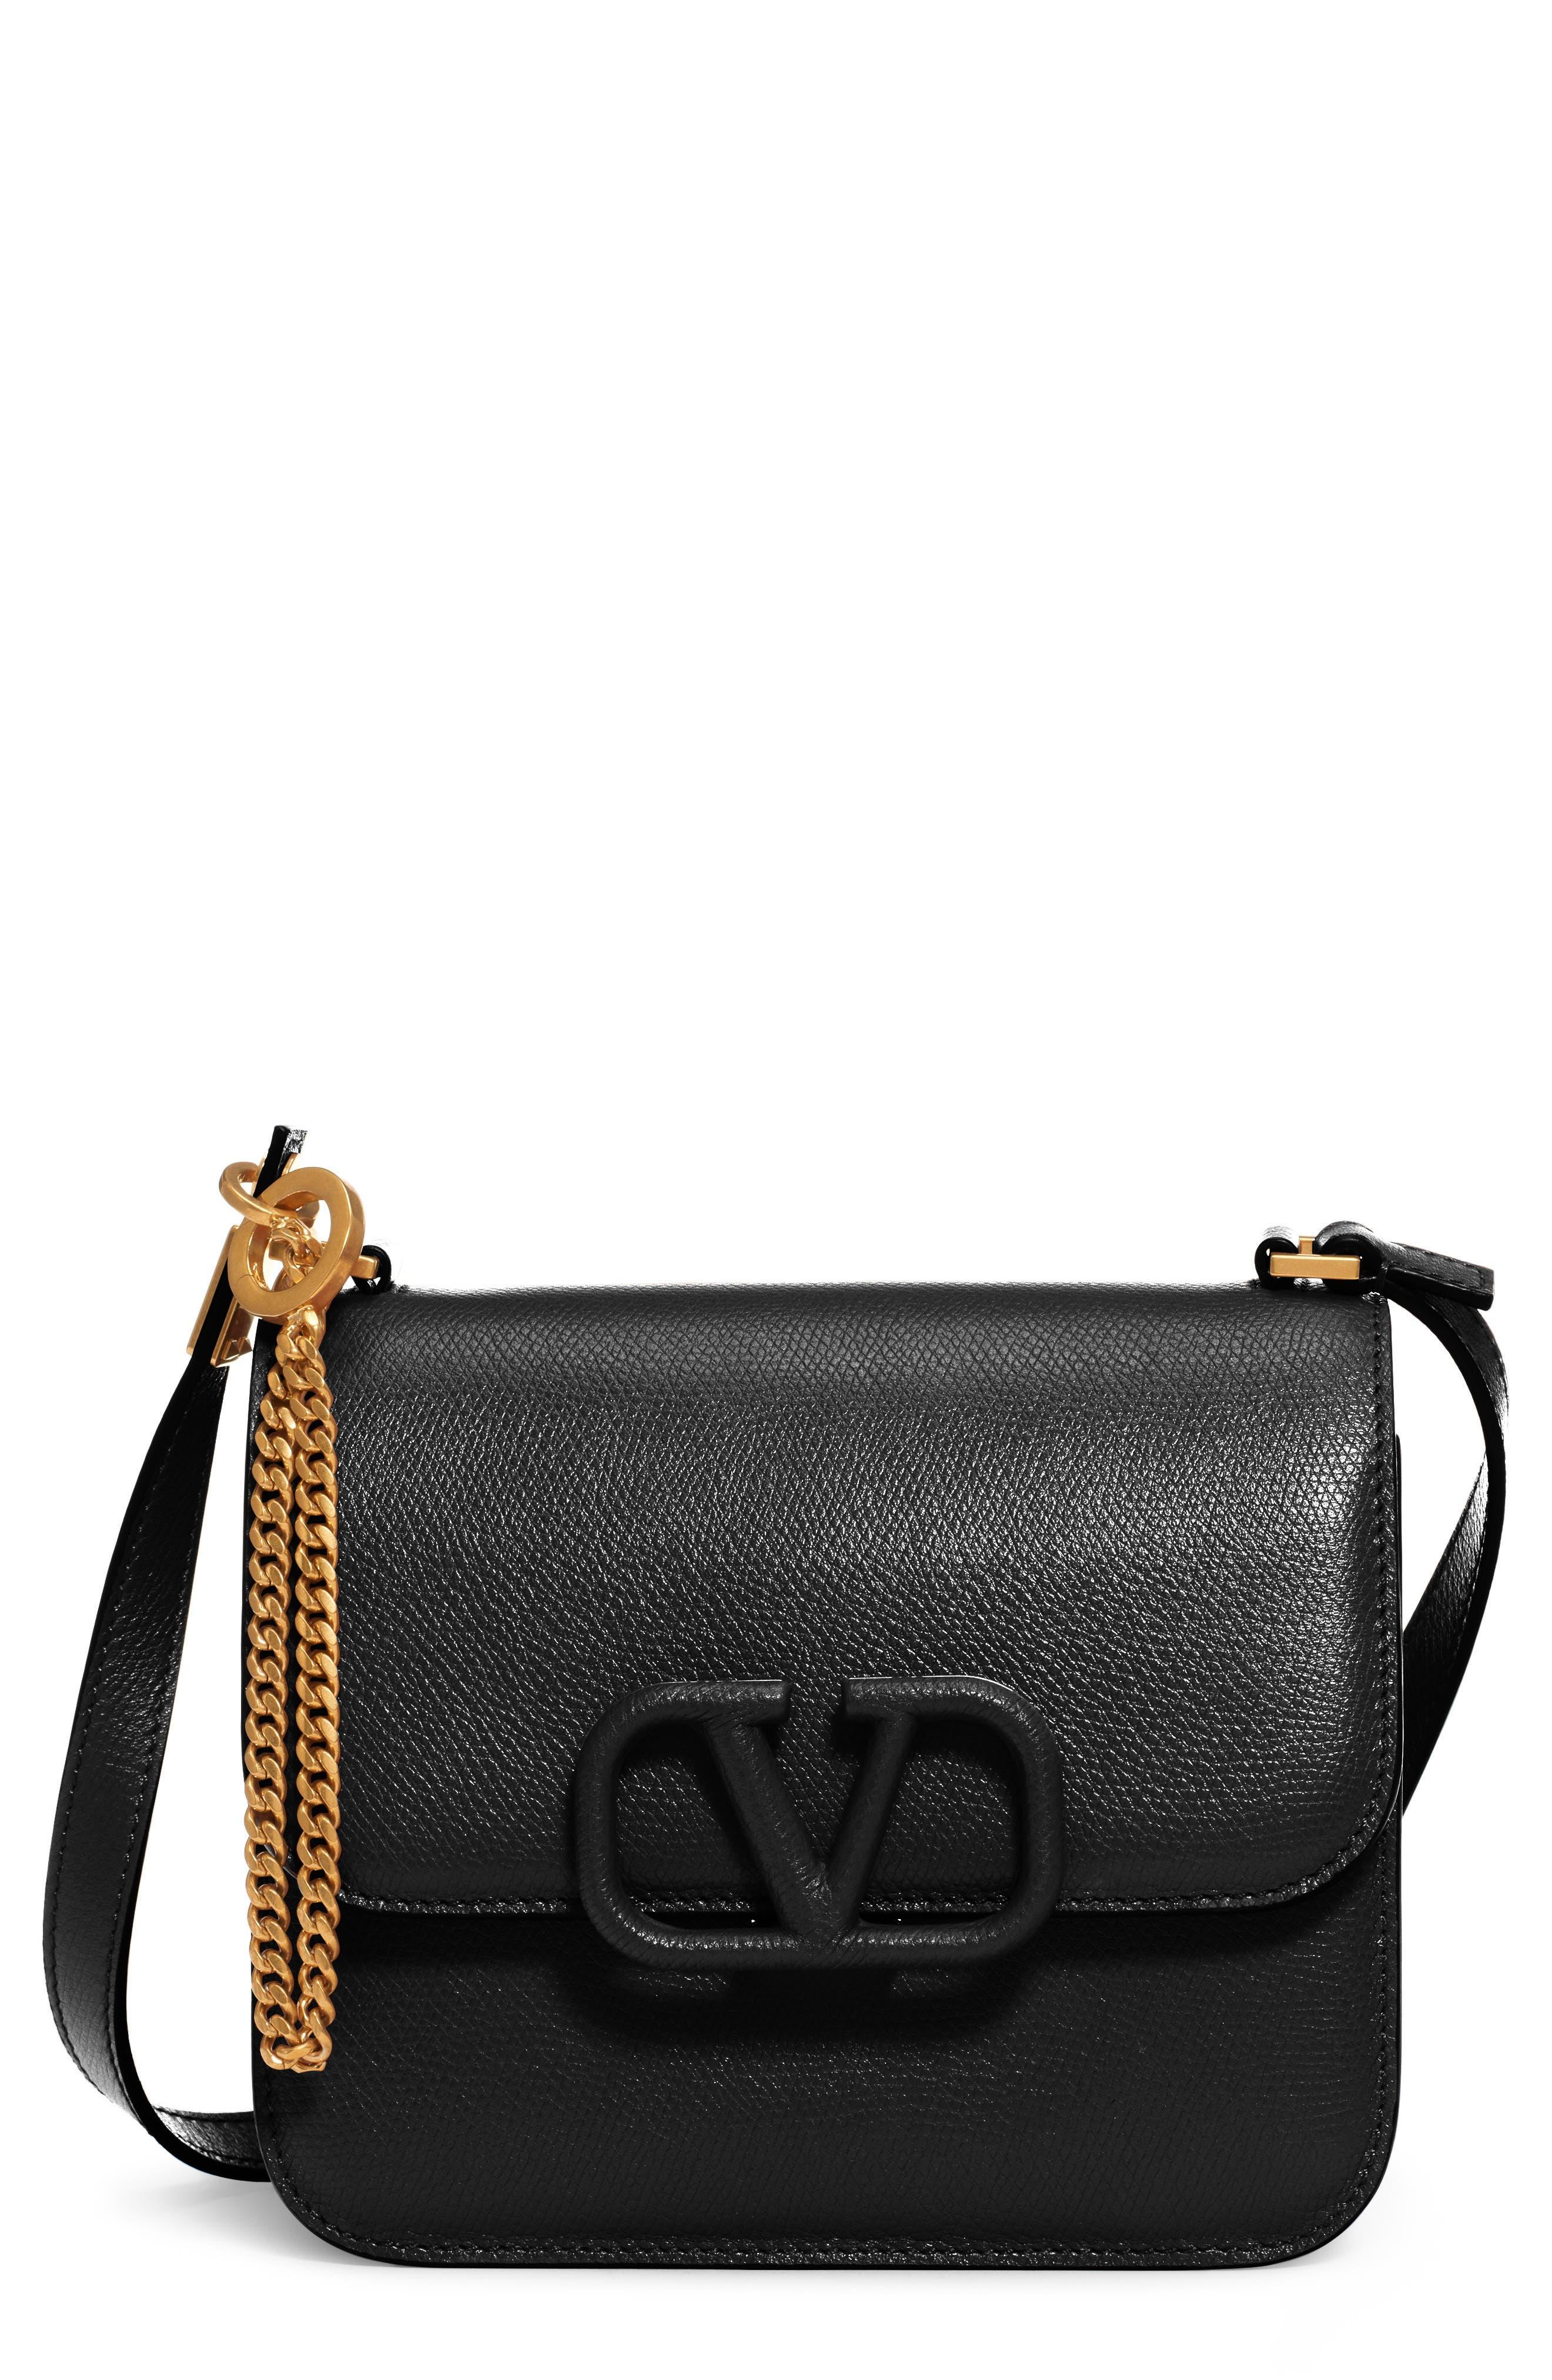 Valentino Garavani Small V-Sling Leather Shoulder Bag   Nordstrom